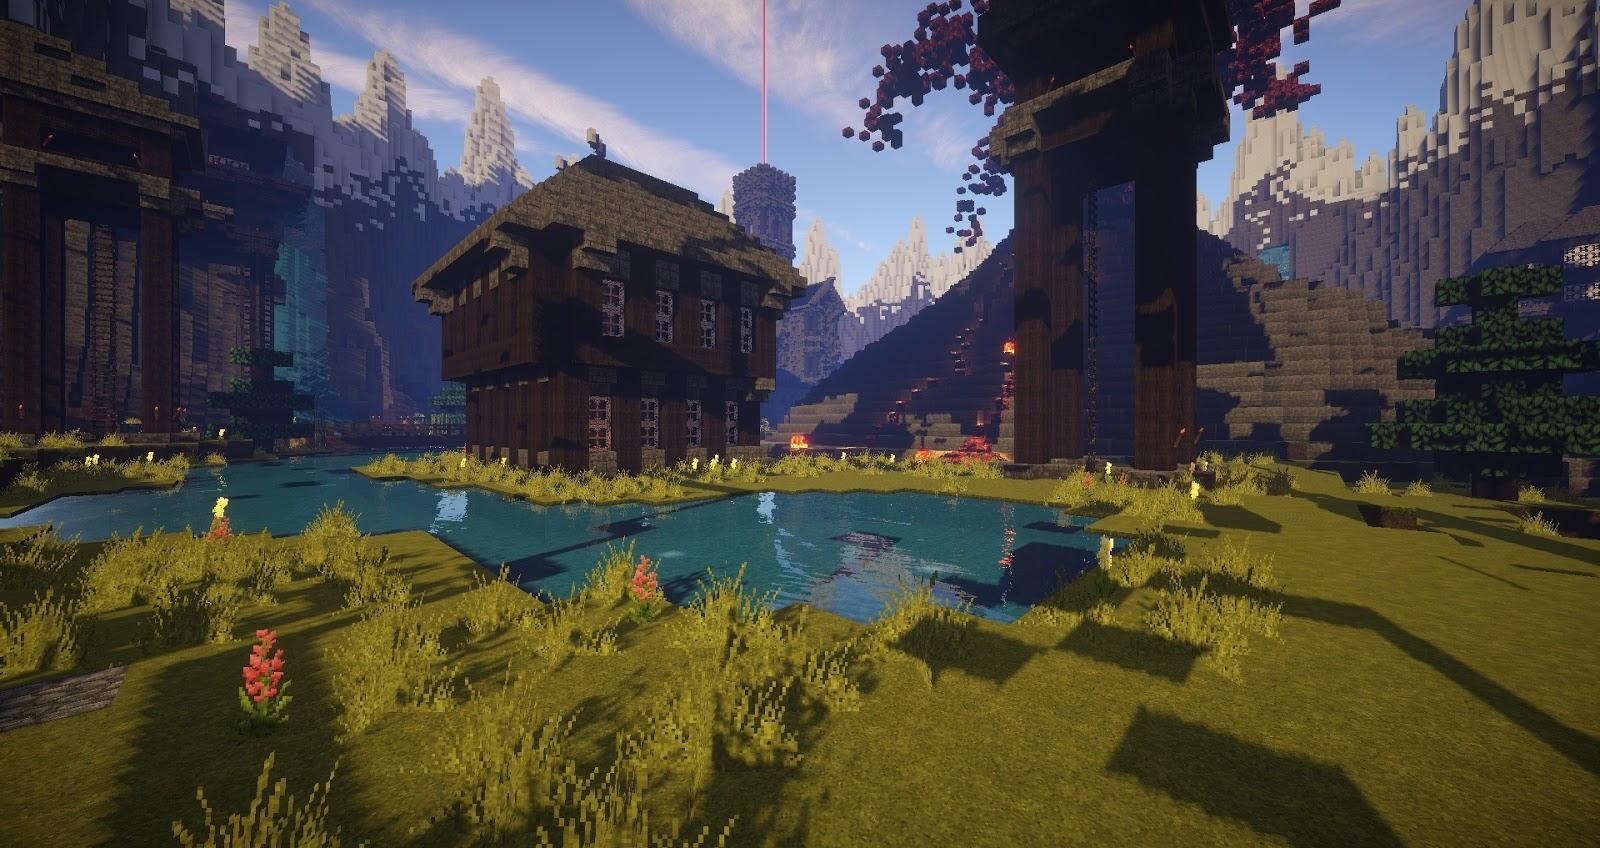 Minecraft Spielen Deutsch Minecraft Server Erstellen Bild - Minecraft server erstellen cracked 1 8